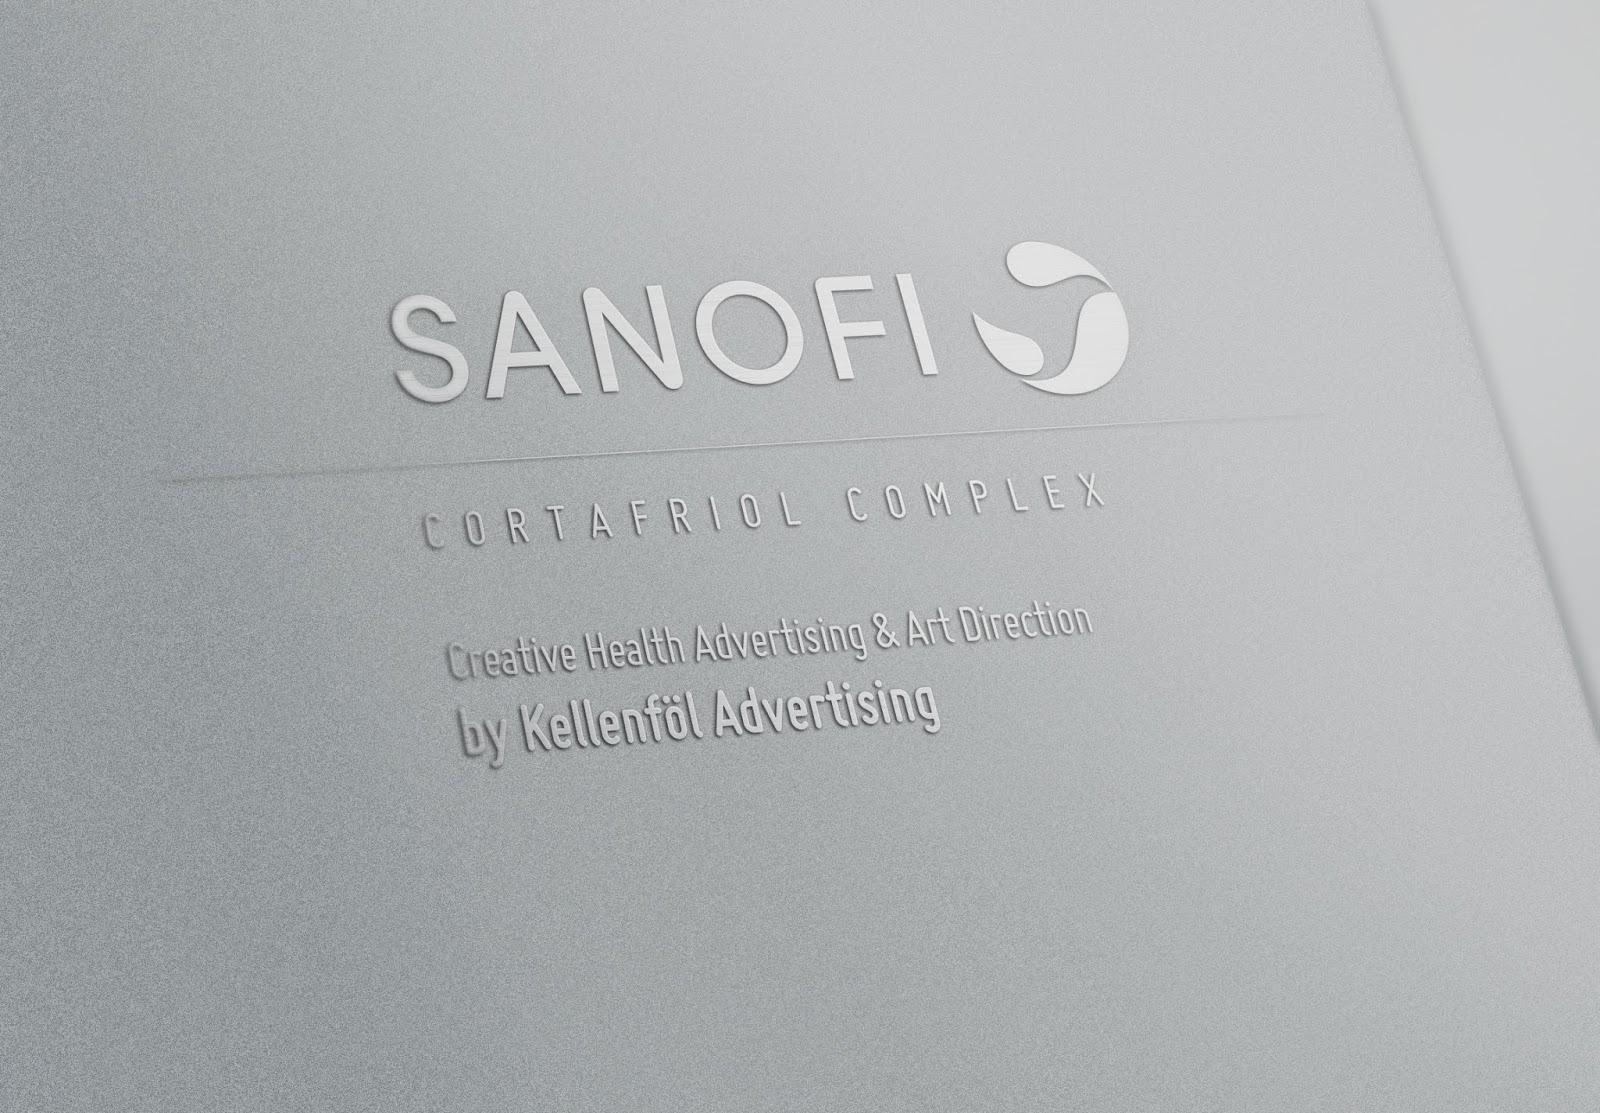 Resfriado Cortafriol sanofi kellenfol agencia publicidad frenadol diseño, marketing kellenföl gripe